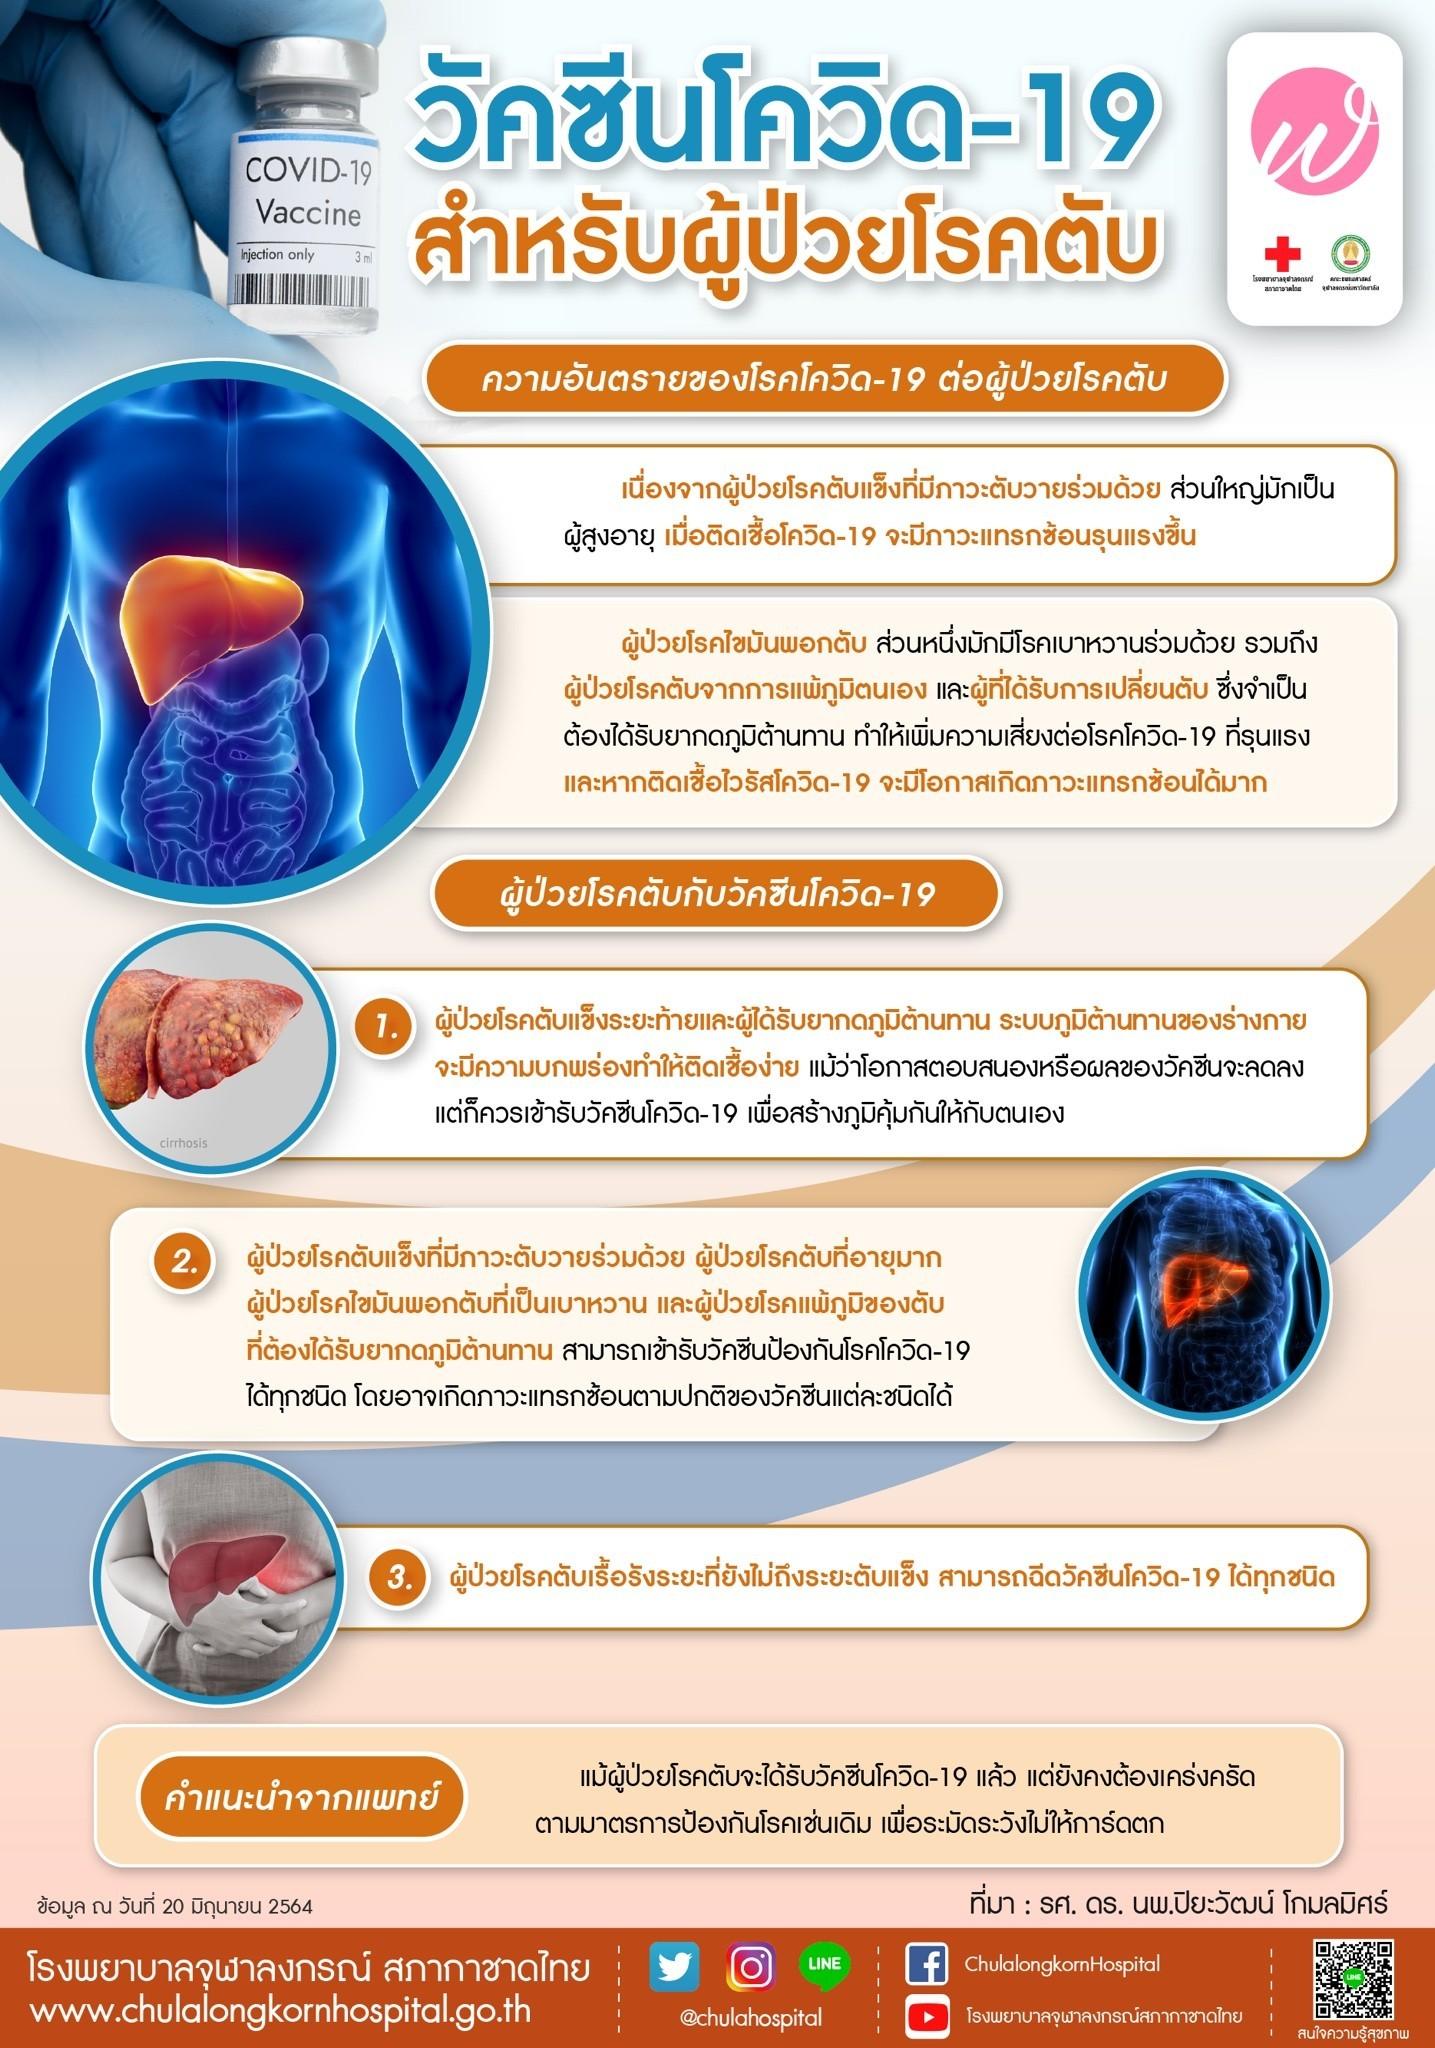 วัคซีนโควิด-19 สำหรับผู้ป่วยโรคตับ